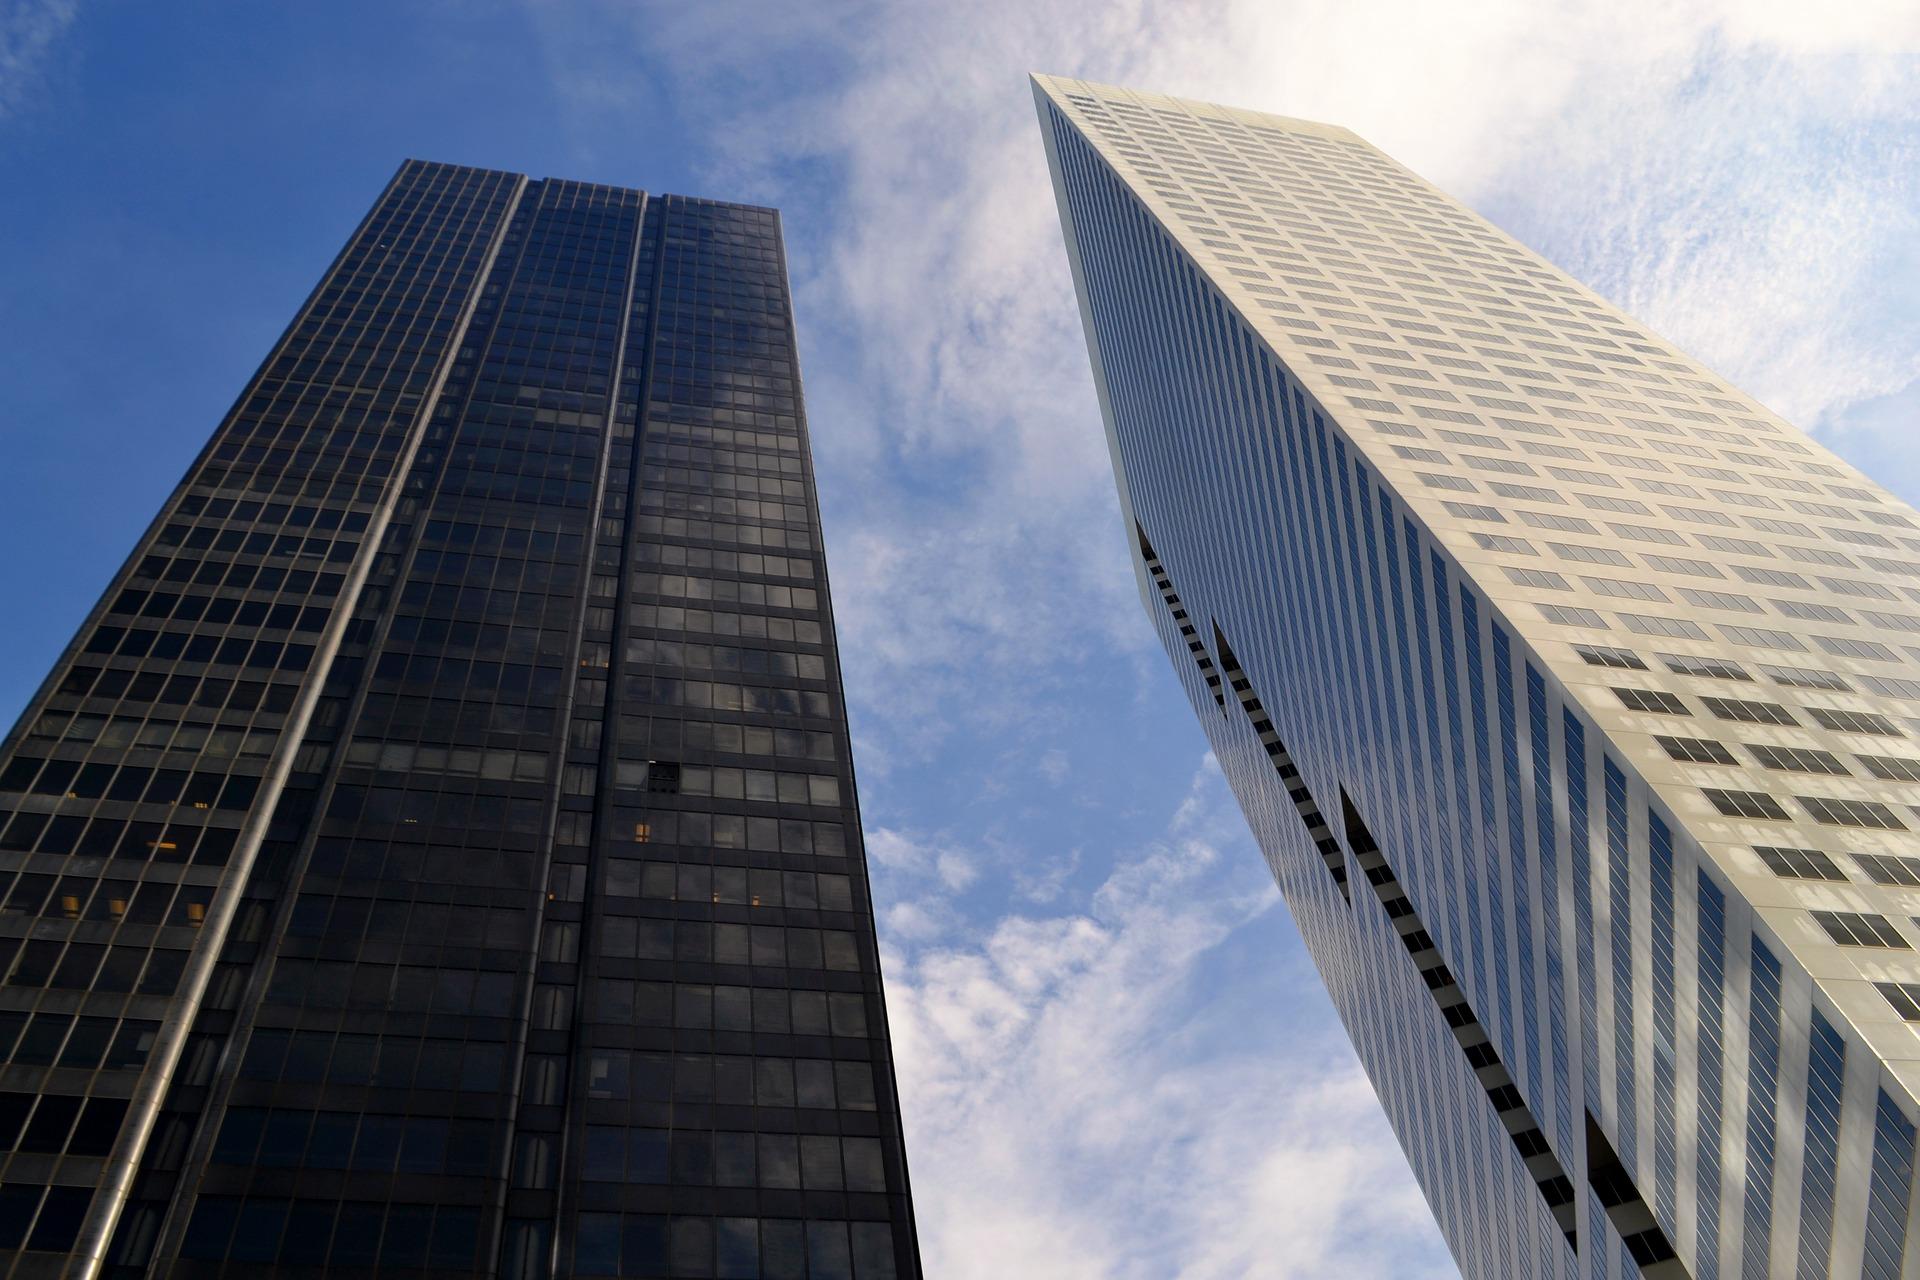 En 2016, l'État était présent au capital de 1 700 entreprises